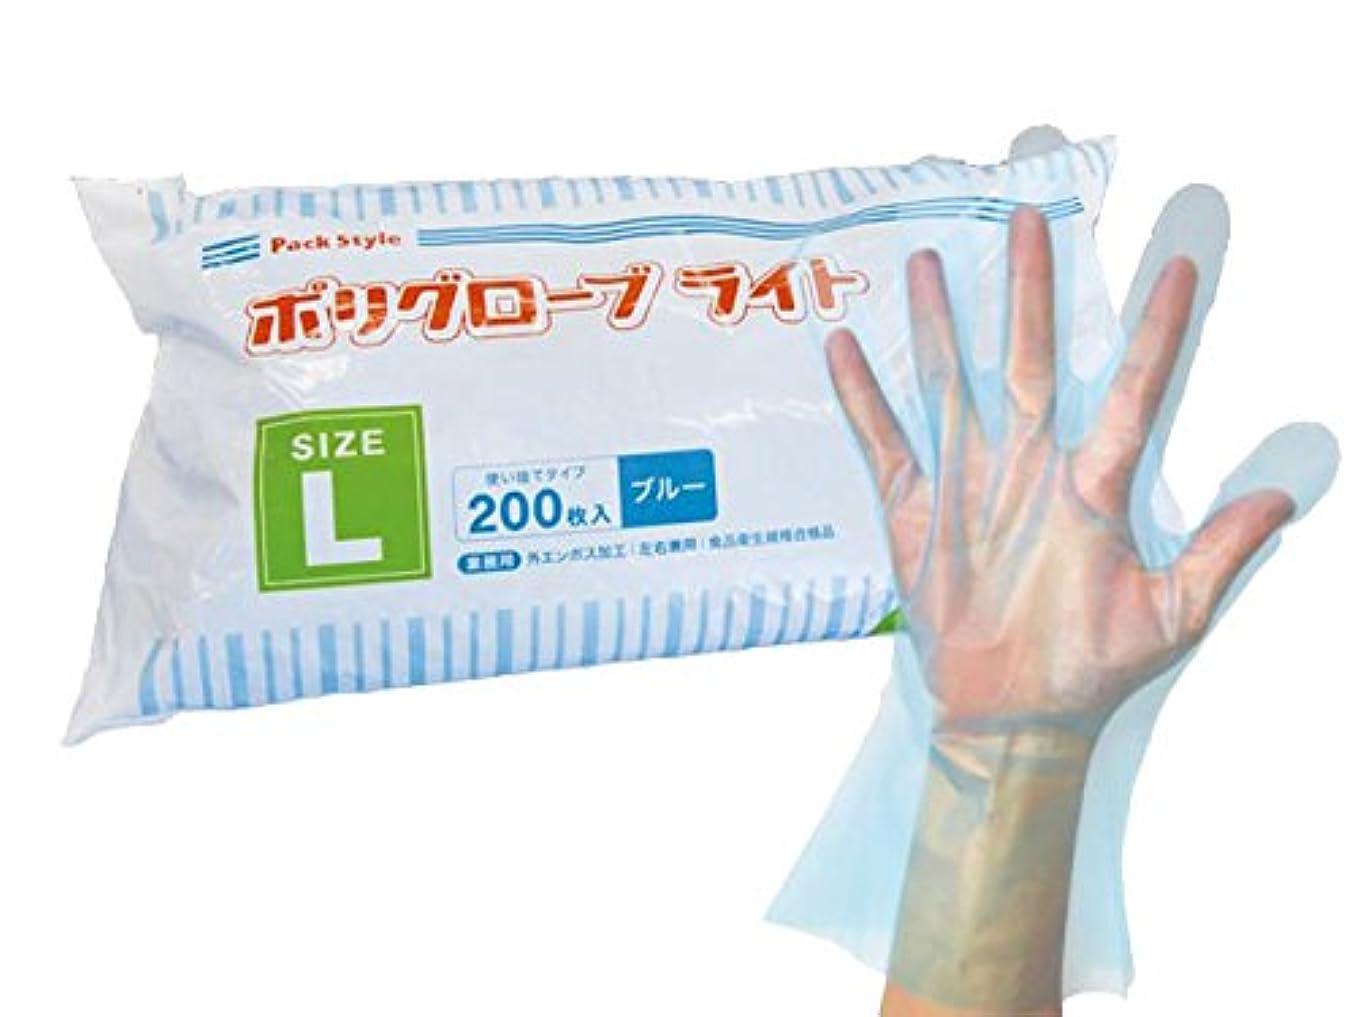 傘ヘルパー架空のパックスタイル 使い捨て ポリ手袋 ポリグローブライト ブルー 袋入 SS 6000枚 00555009